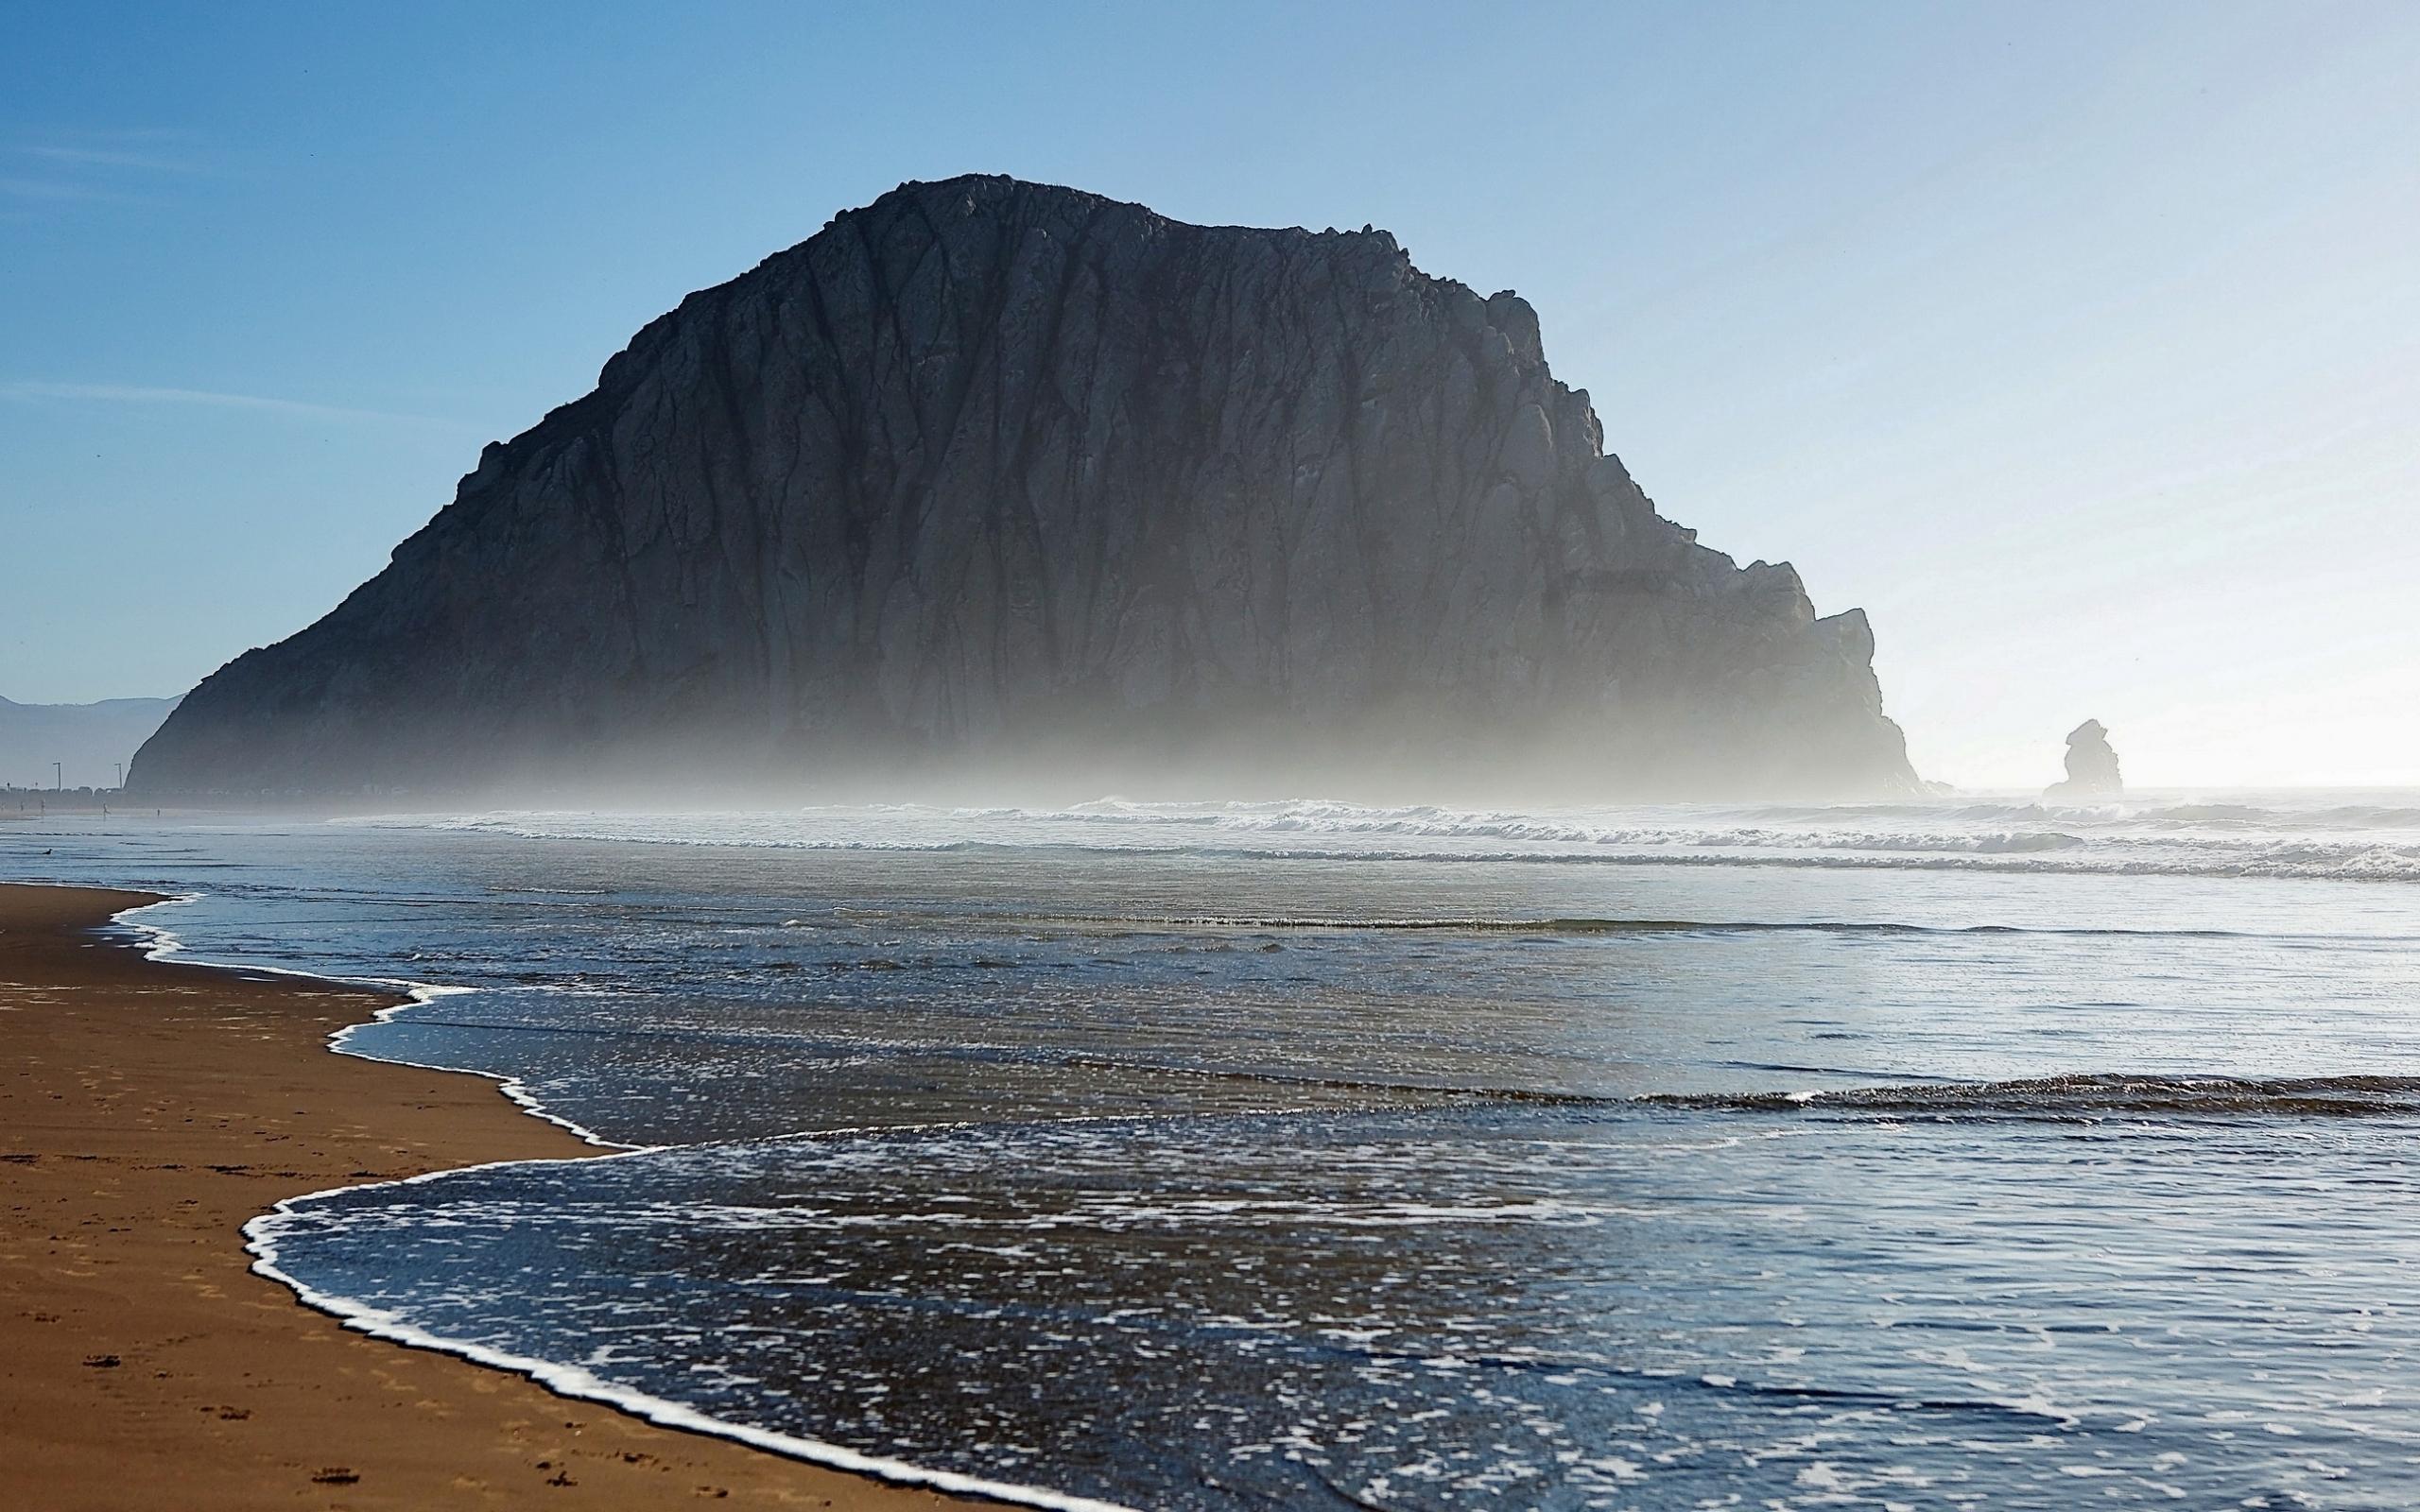 28803 скачать обои Пейзаж, Горы, Море - заставки и картинки бесплатно